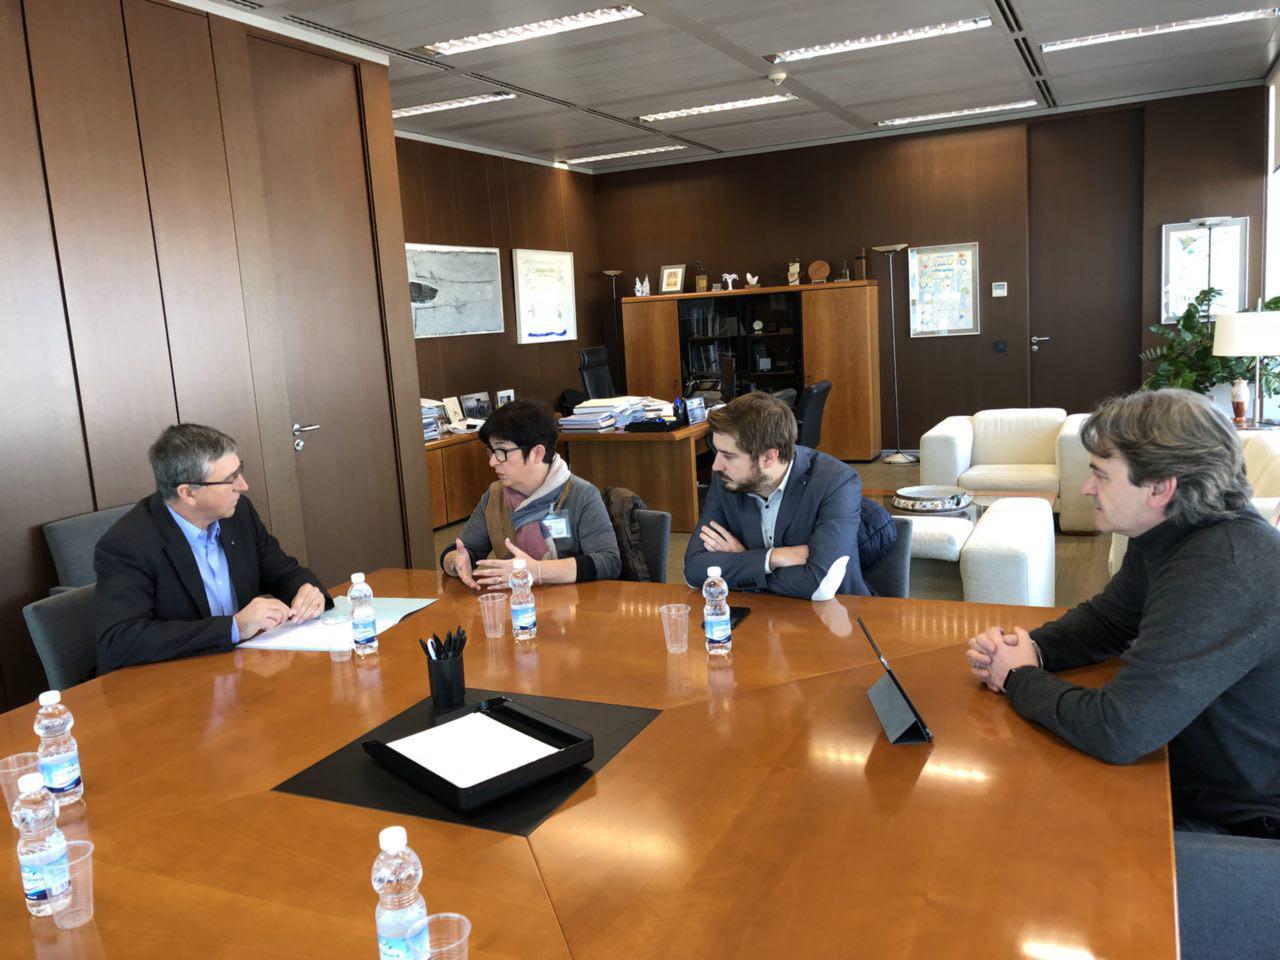 La alcaldesa, Juncal Carrascosa, junto a los tenientes de alcalde, Rafael Pérez y Alejandro Agustina, ha solicitado inversiones en infraestructuras en La Hoya y especialmente en Buñol para el próximo ejercicio.